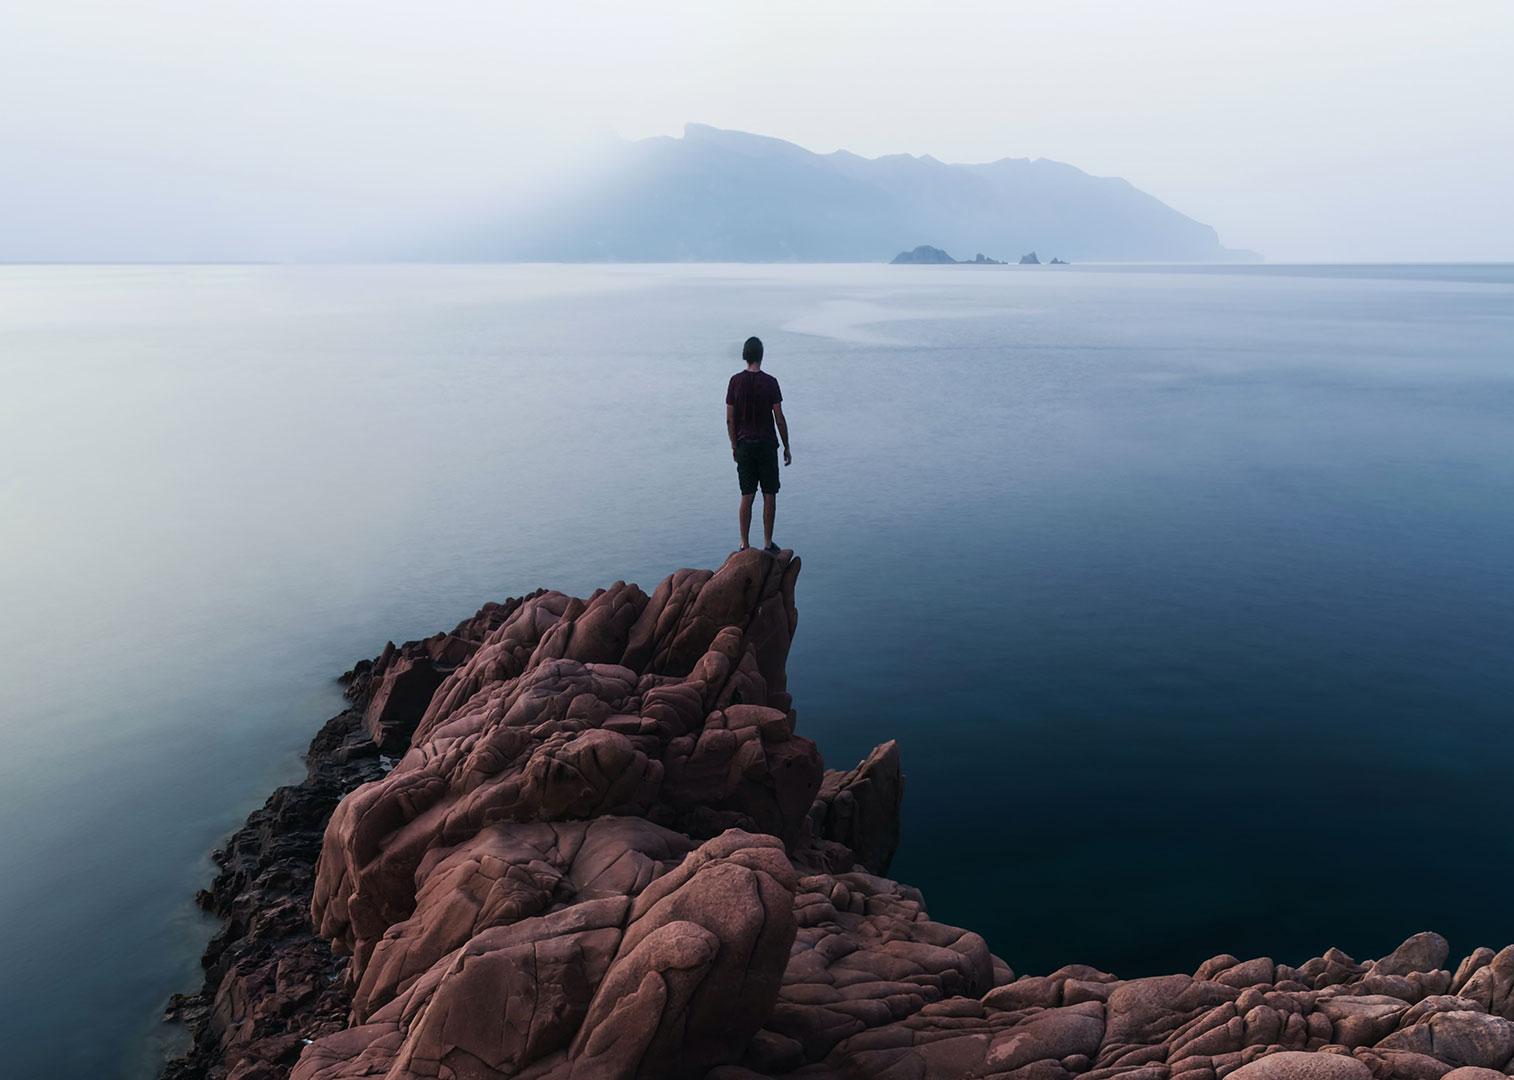 Resilienza-come-svilupparla